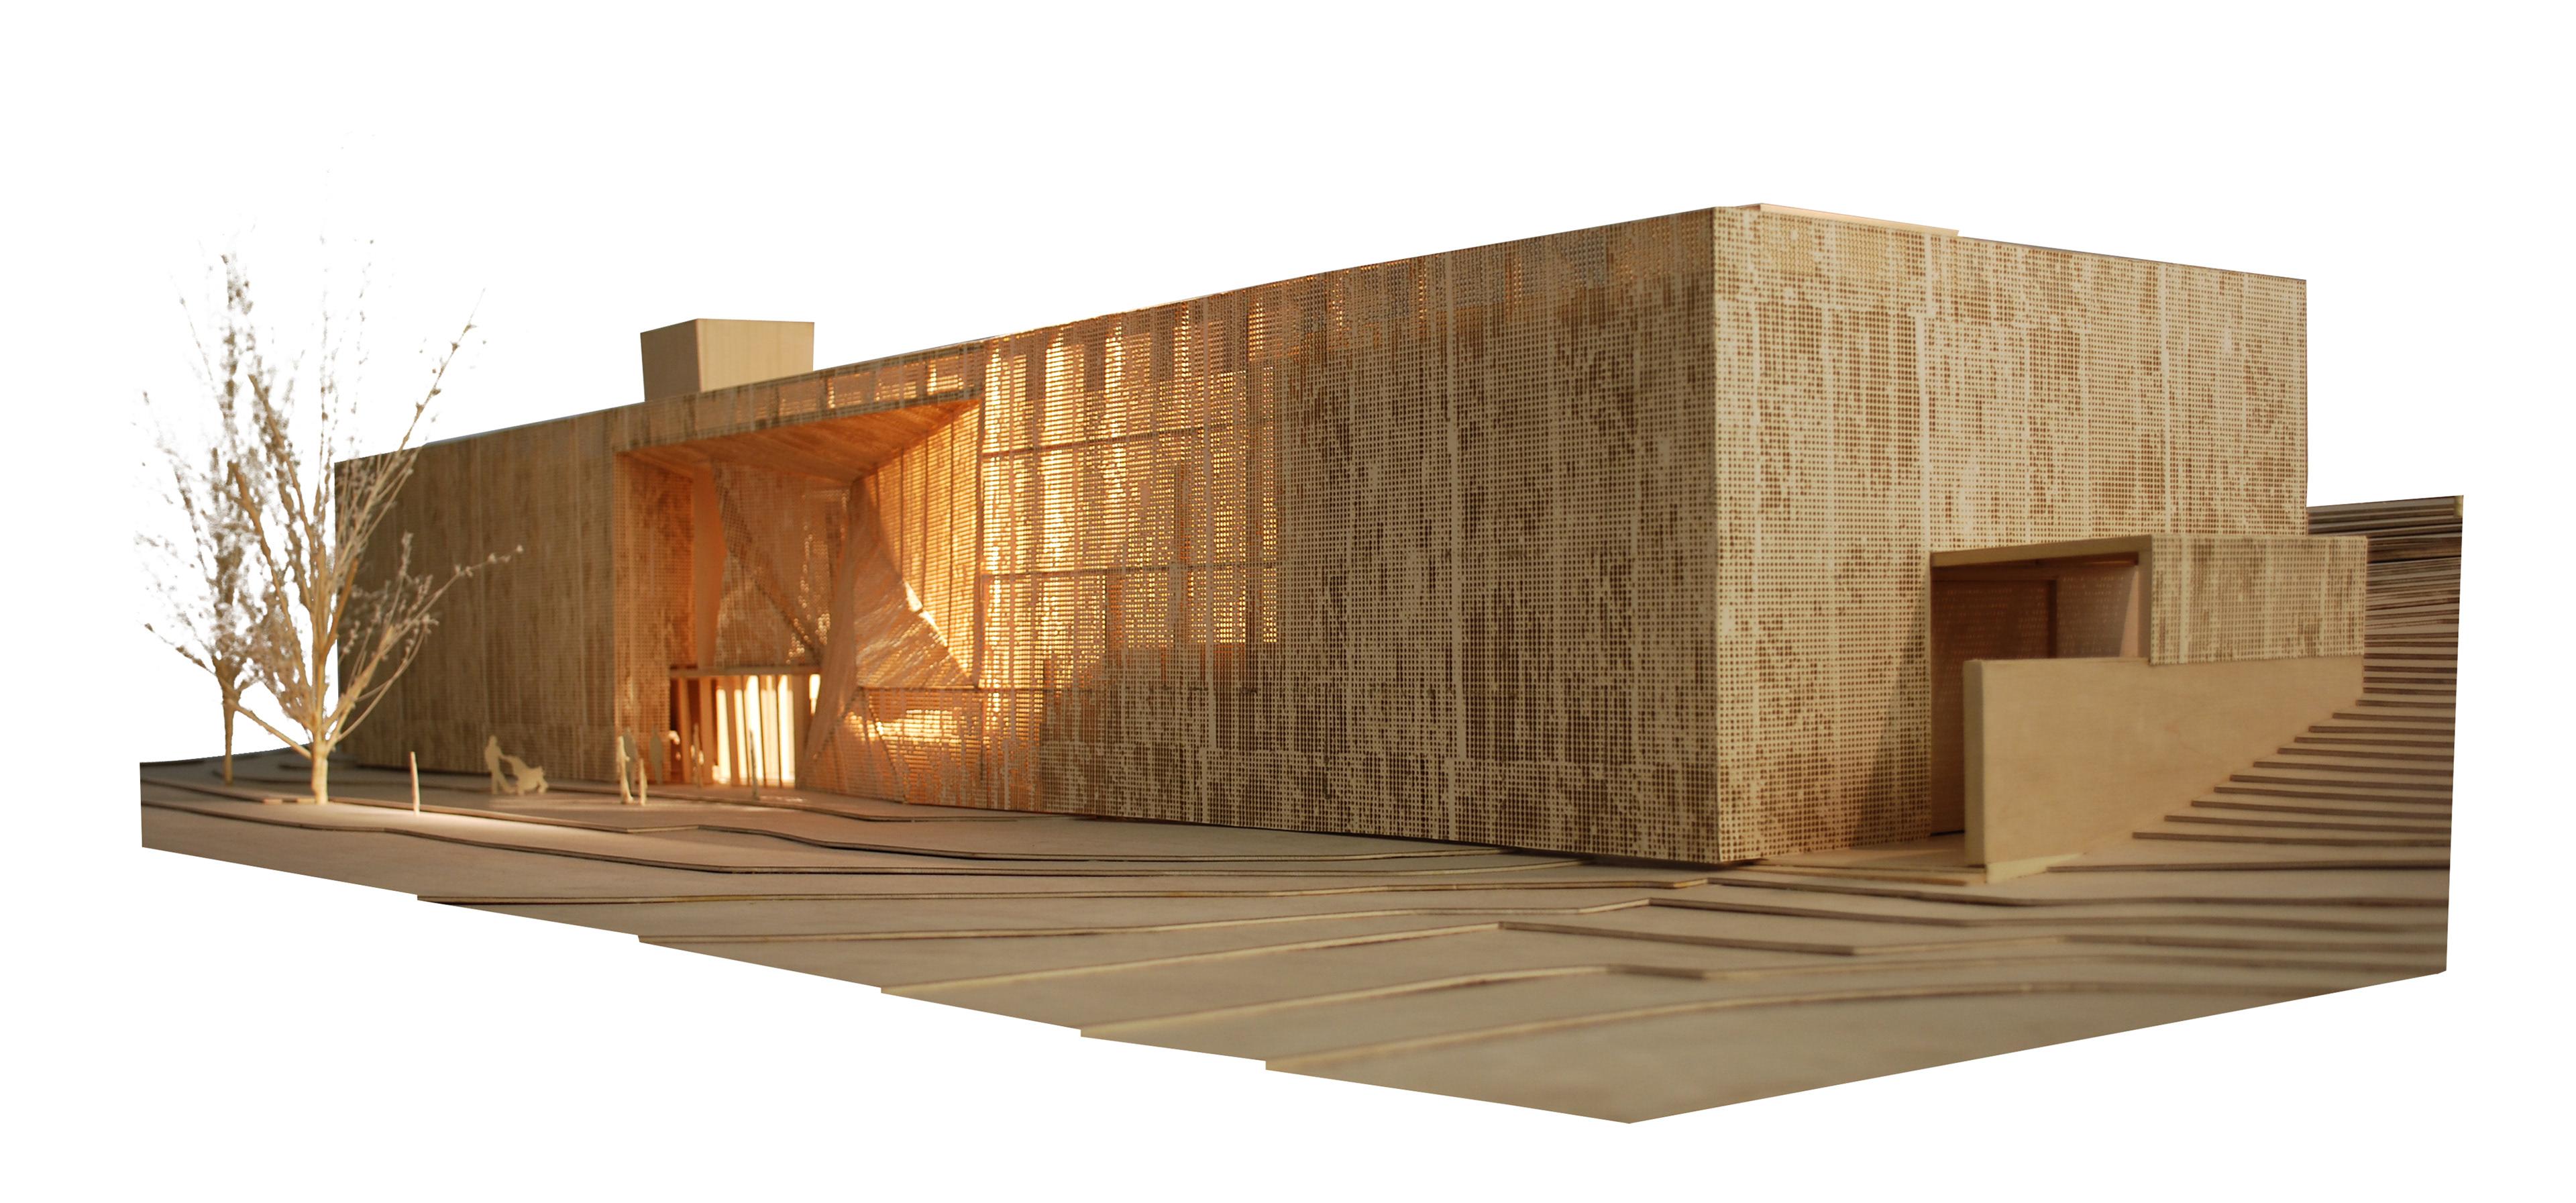 Brooks + Scarpa - Aaronson Fine Arts Center at Laumeier Sculpture Park